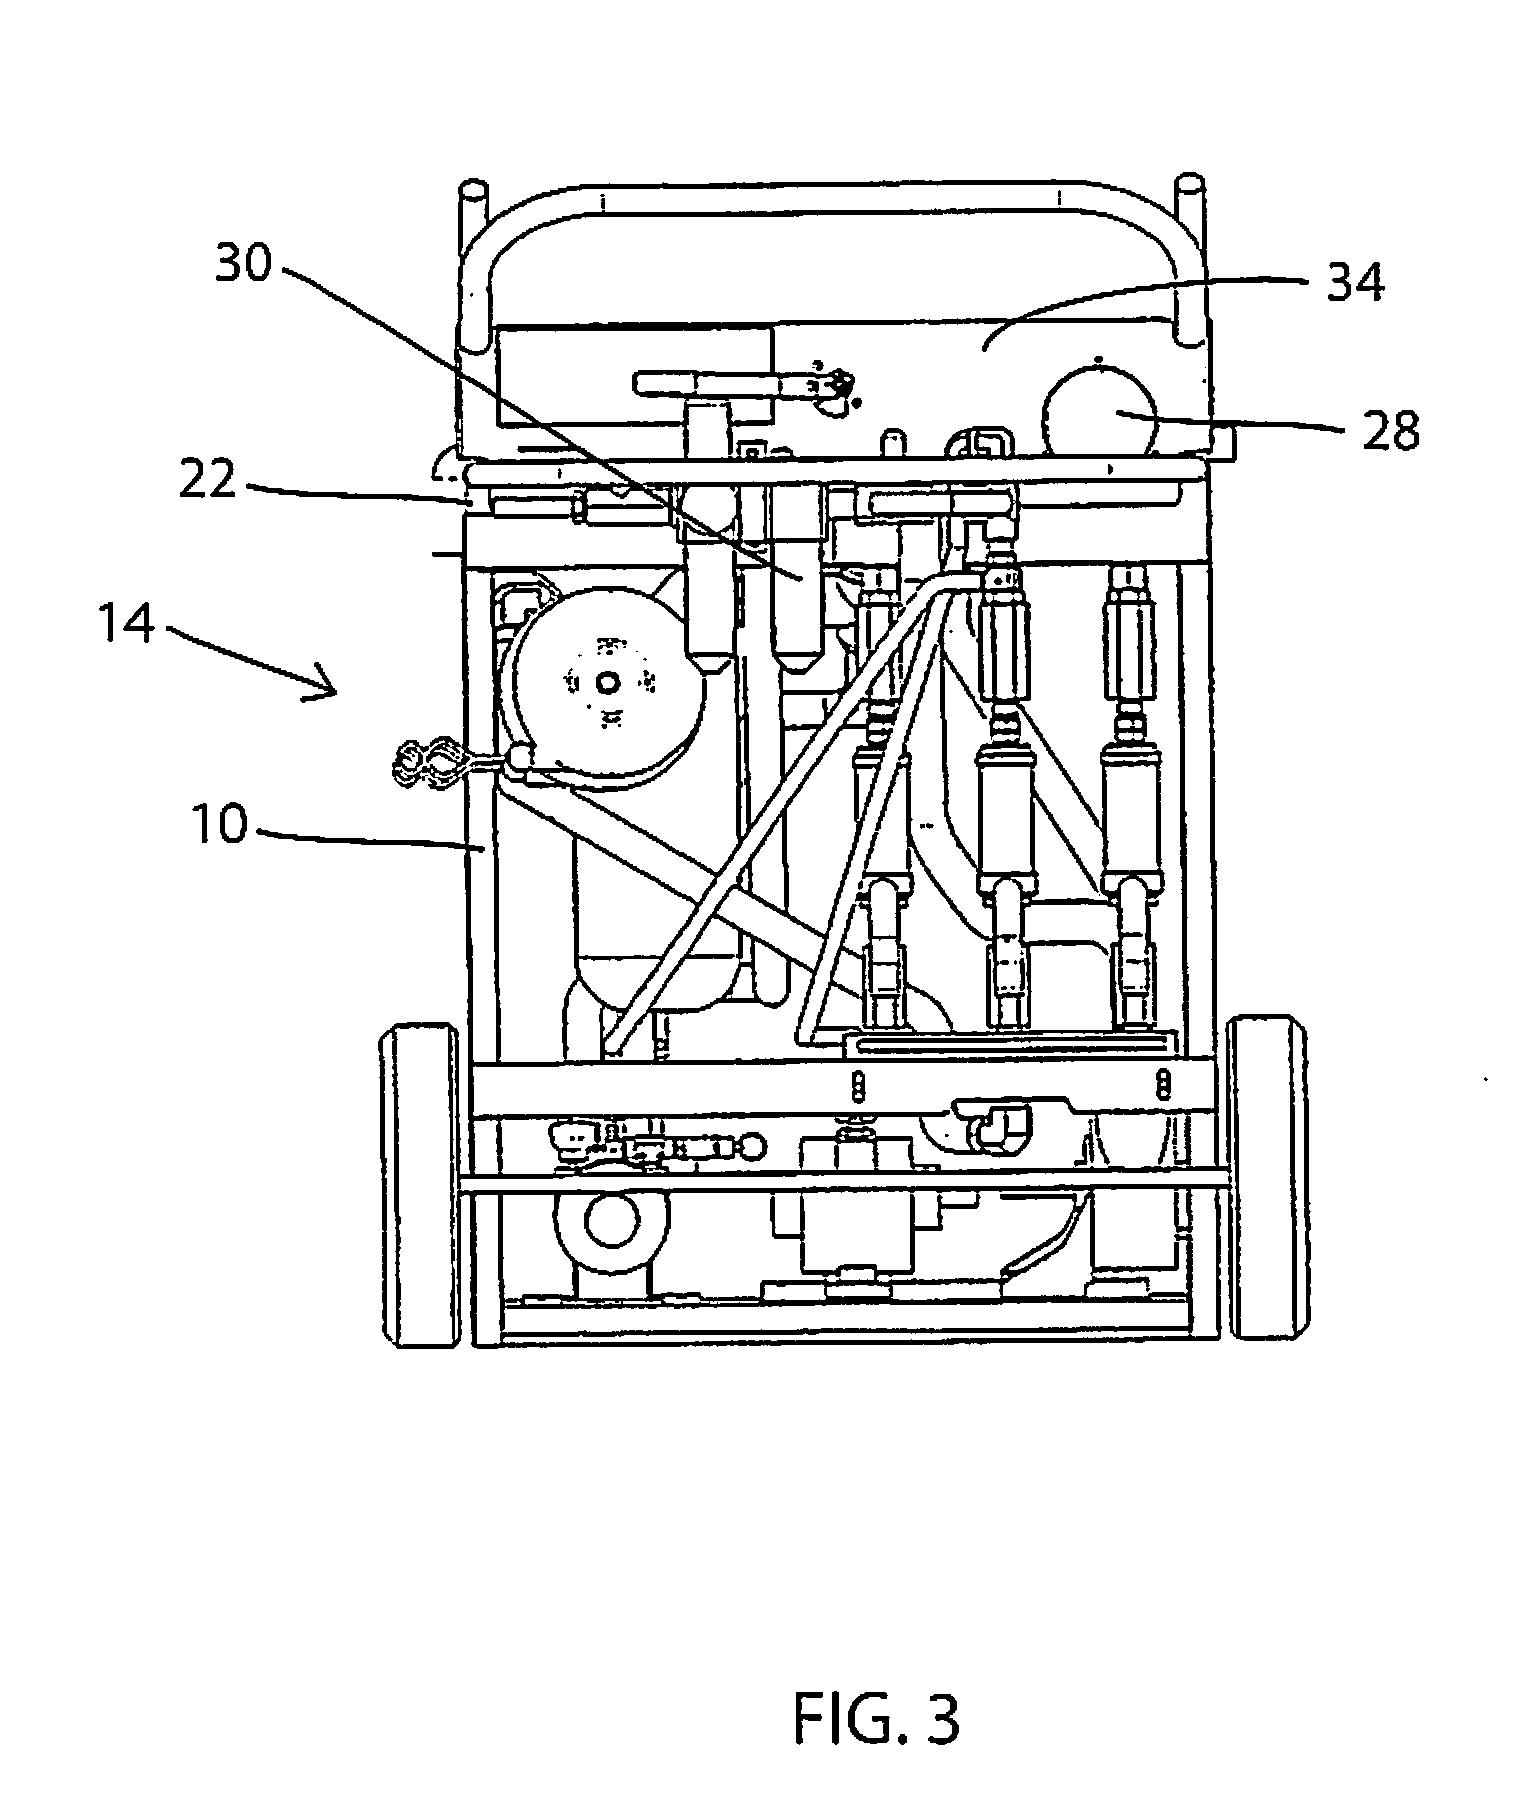 patent us20140041388